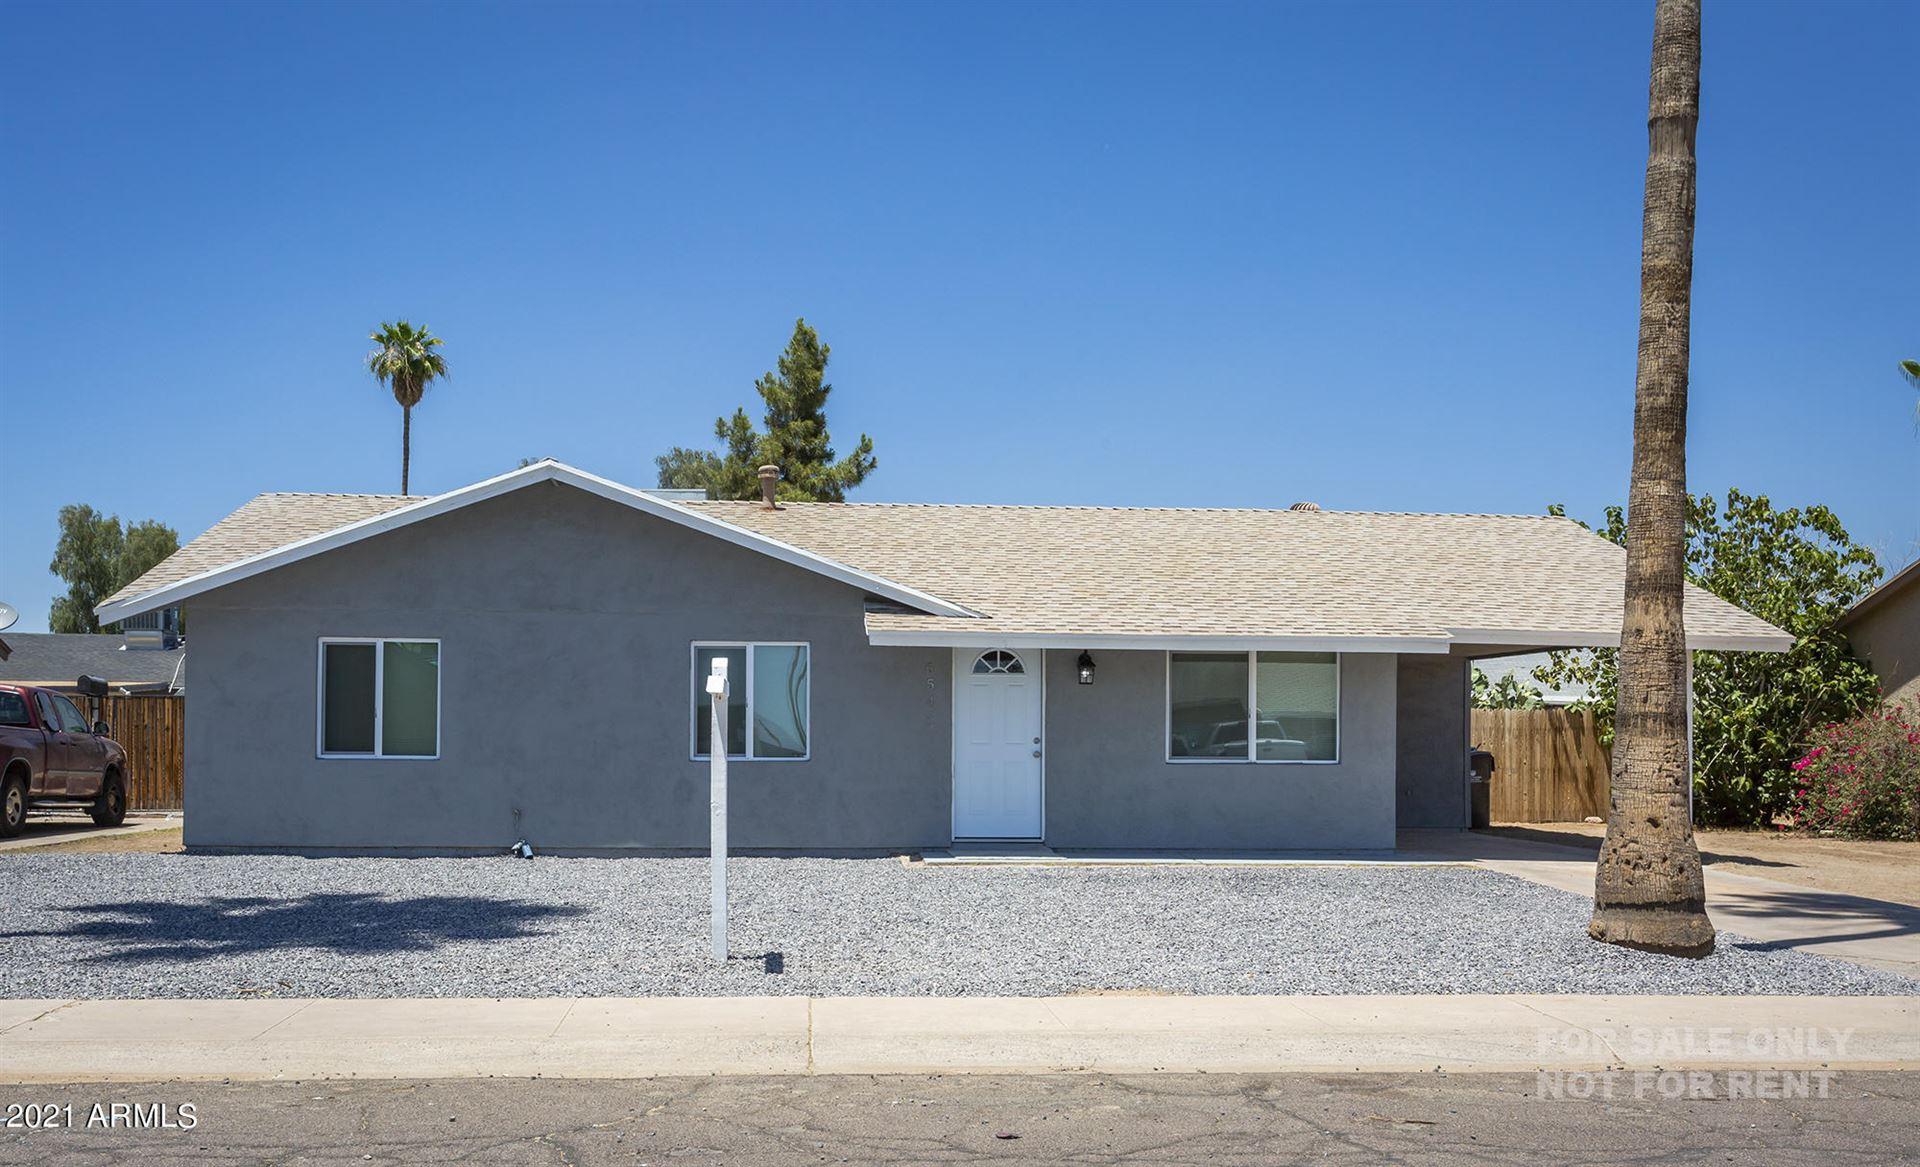 6542 W GRANADA Road, Phoenix, AZ 85035 - MLS#: 6249932